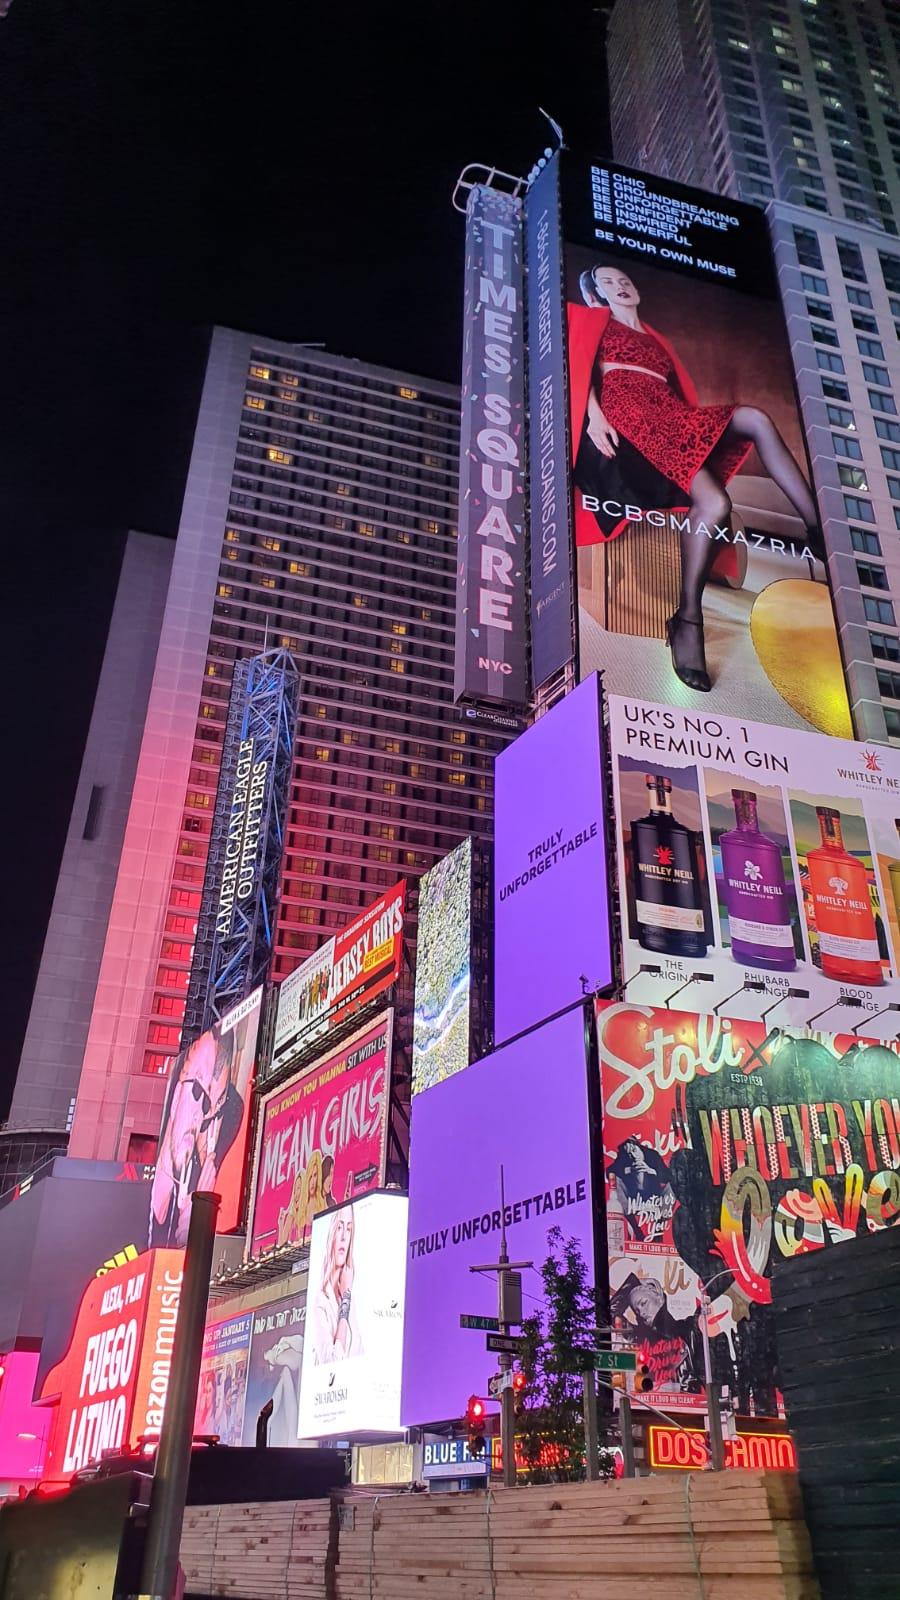 الصورة: هذه هي الطريقة التي تلتقط بها سامسونج الجديدة الصور Galaxy Note10 +! + الصور الليلية والفيديو 29